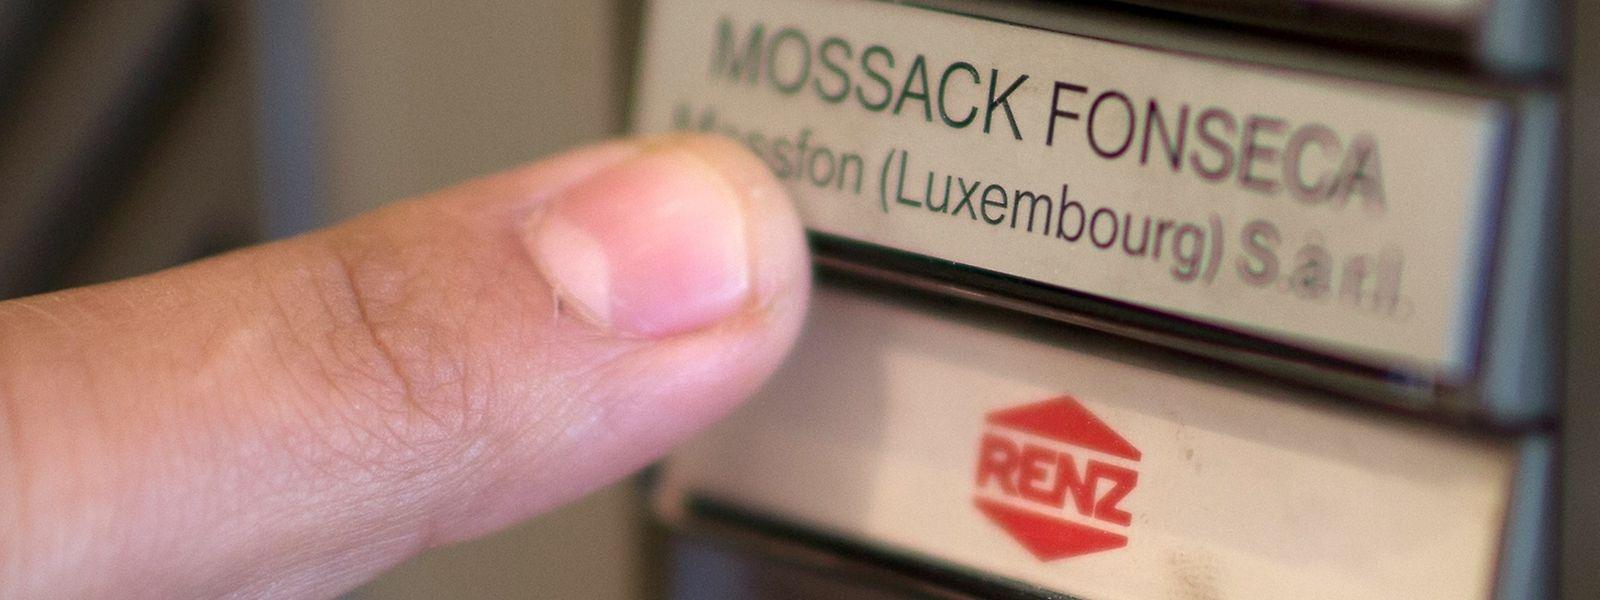 Aus der weltweit agierenden Kanzlei Mossack Fonseca waren gigantische Datensätze mit Briefkastenfirmen geleakt worden.